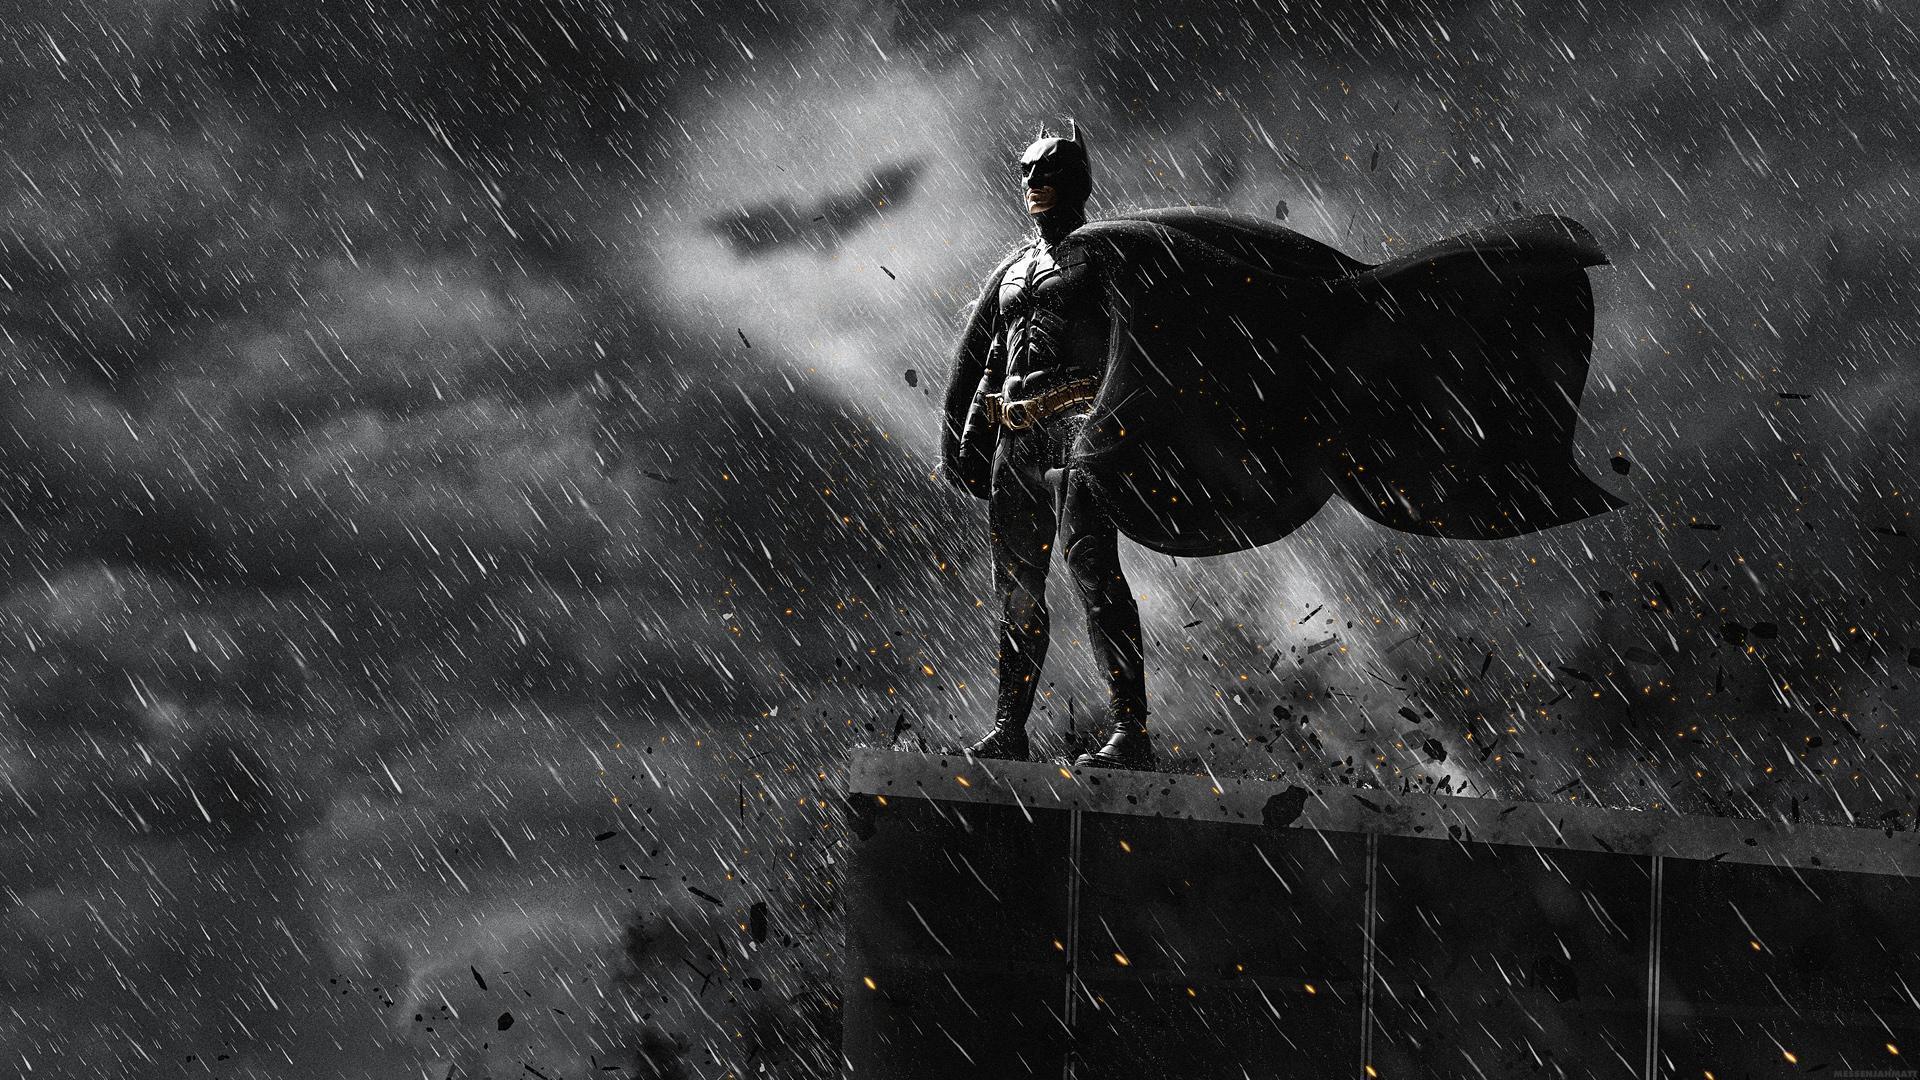 Batman The Dark Knight Rises Wallpapers - 473.4KB